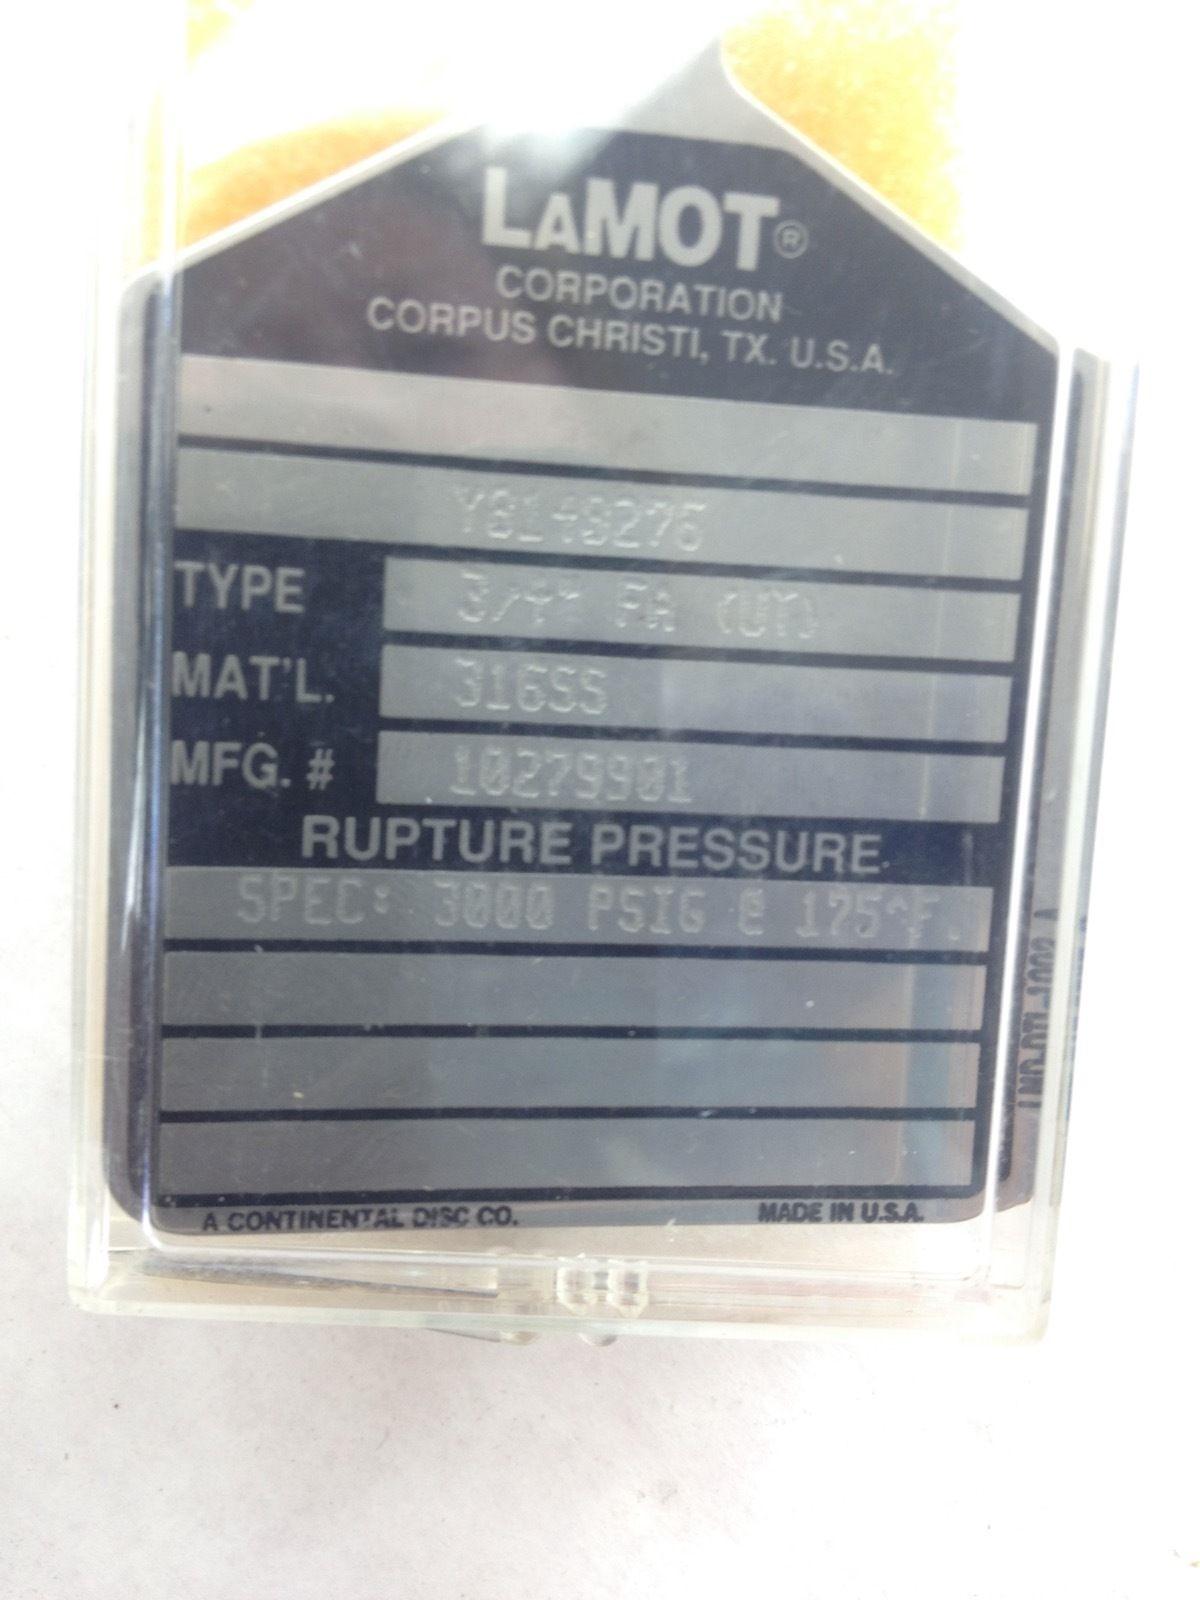 NIB! CONTINENTAL LAMOT 10279901 RUPTURE DISC 3/4� FA (UT) 3000PSIG 4-PK (H147) 1